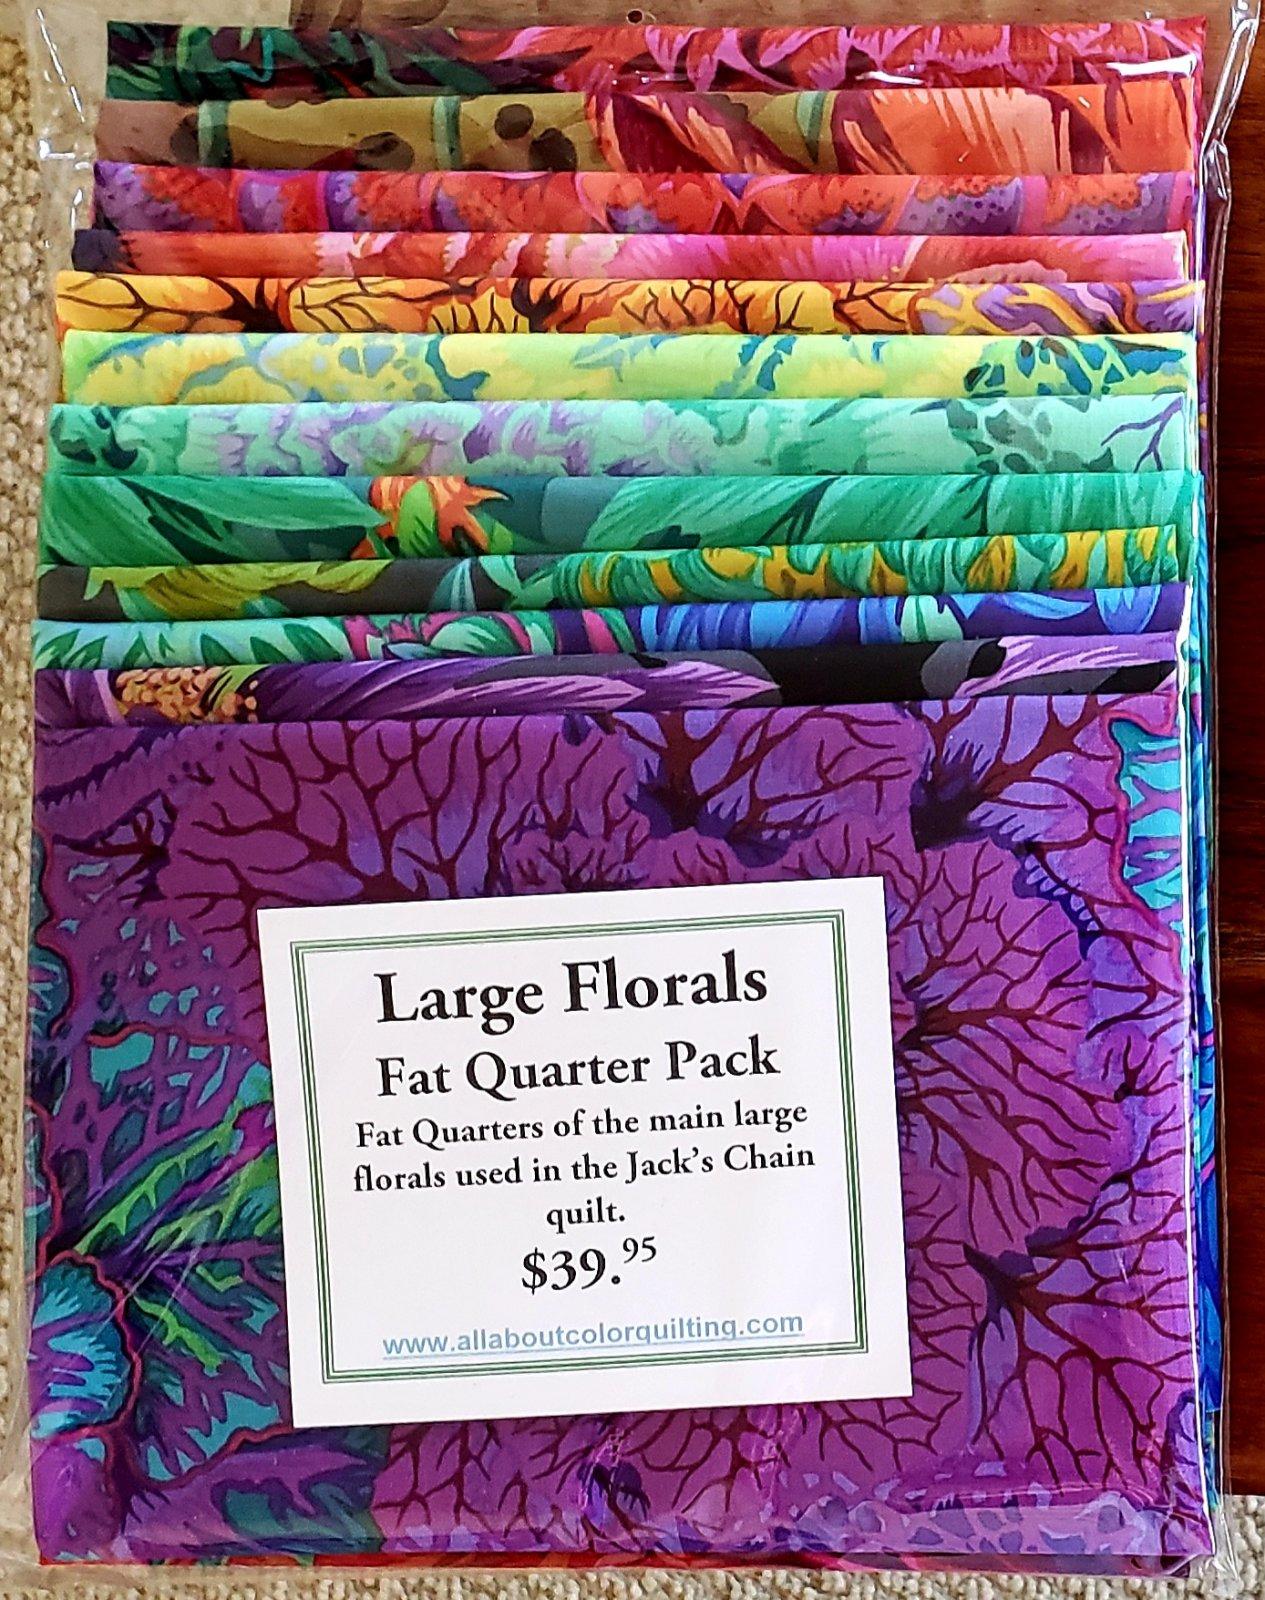 Large Florals - Fat Quarters